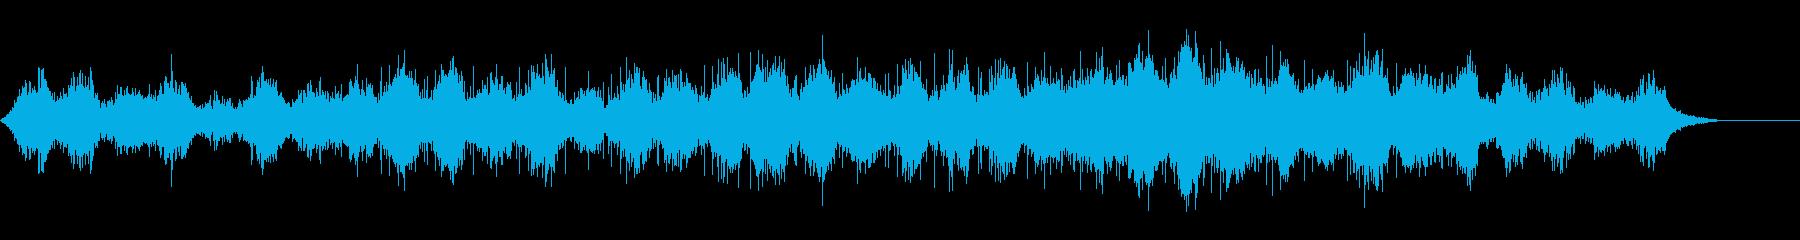 神秘的なレクイエムの再生済みの波形